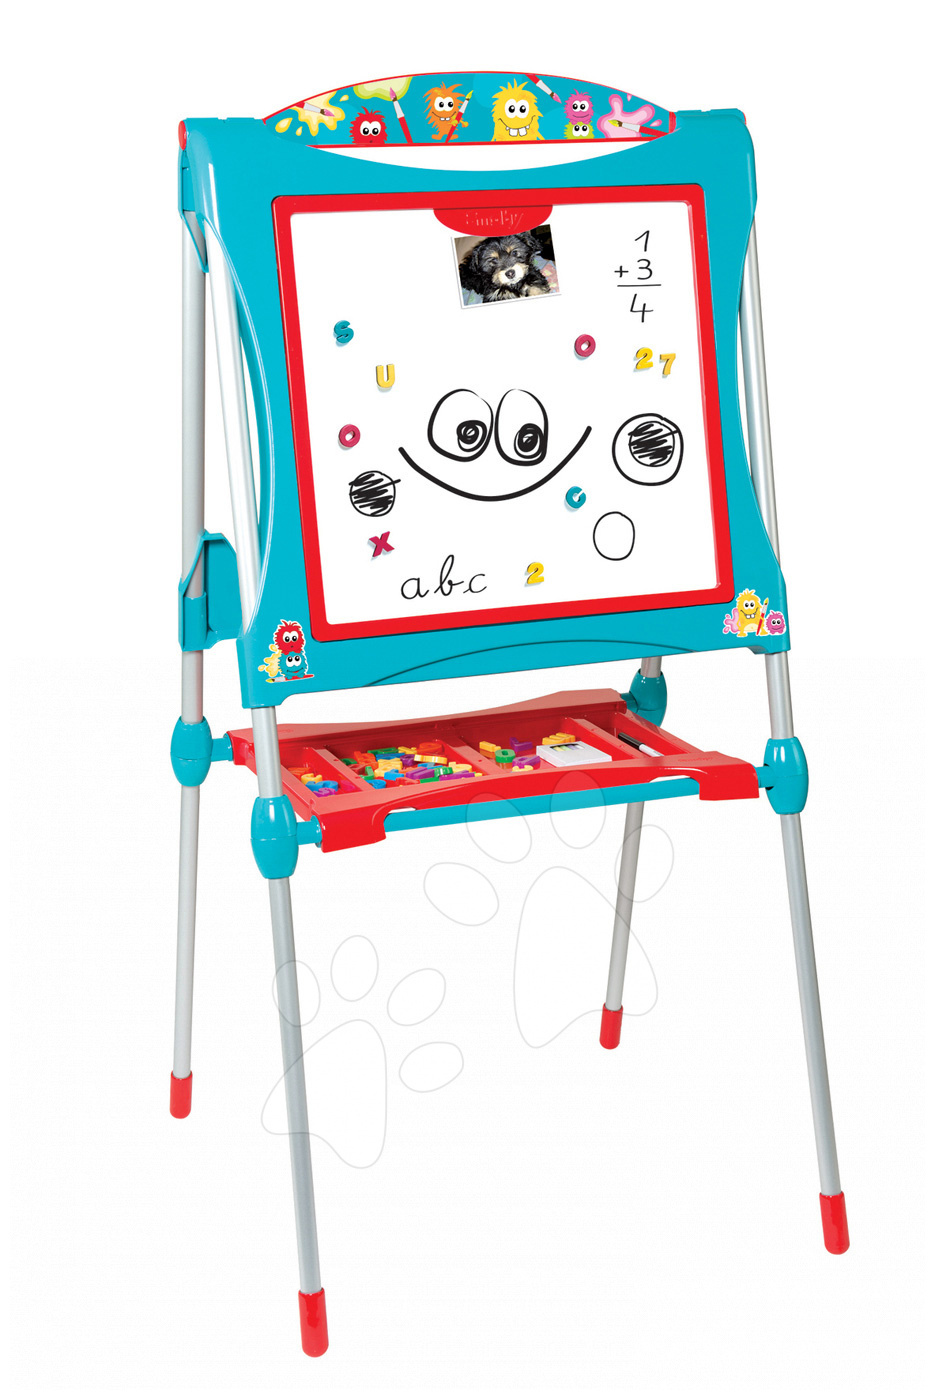 Tablă de învăţat pentru desenat magnetică Smoby cu două feţe, cu structură metalică, cu raft pentru depozitare şi cu 59 accesorii turcoaz-roşu